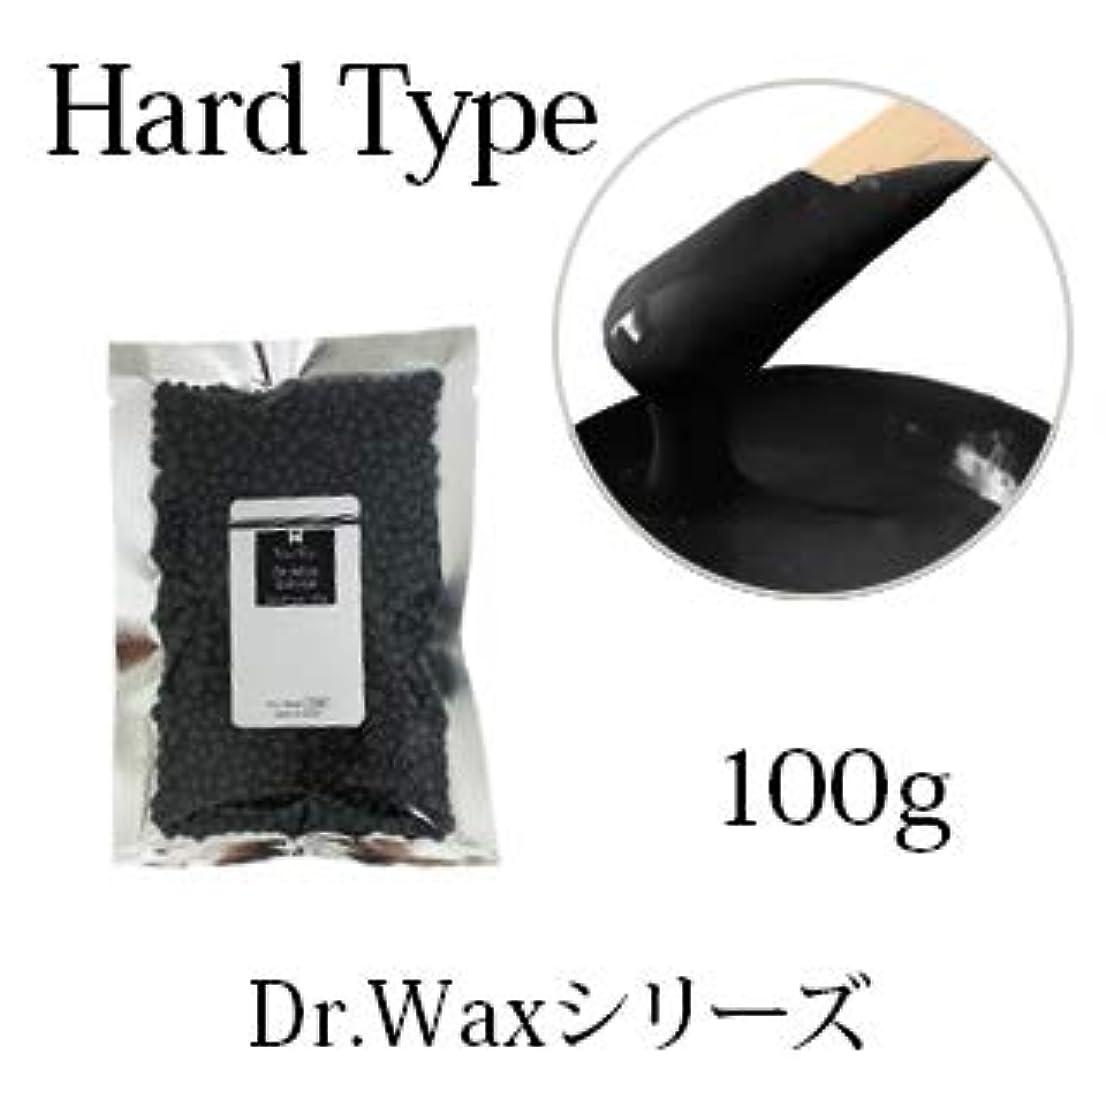 欠陥ライン先史時代の【Dr.waxシリーズ】ワックス脱毛 粒タイプ 紙を使用しない ハードワックス (キャビア 100g)